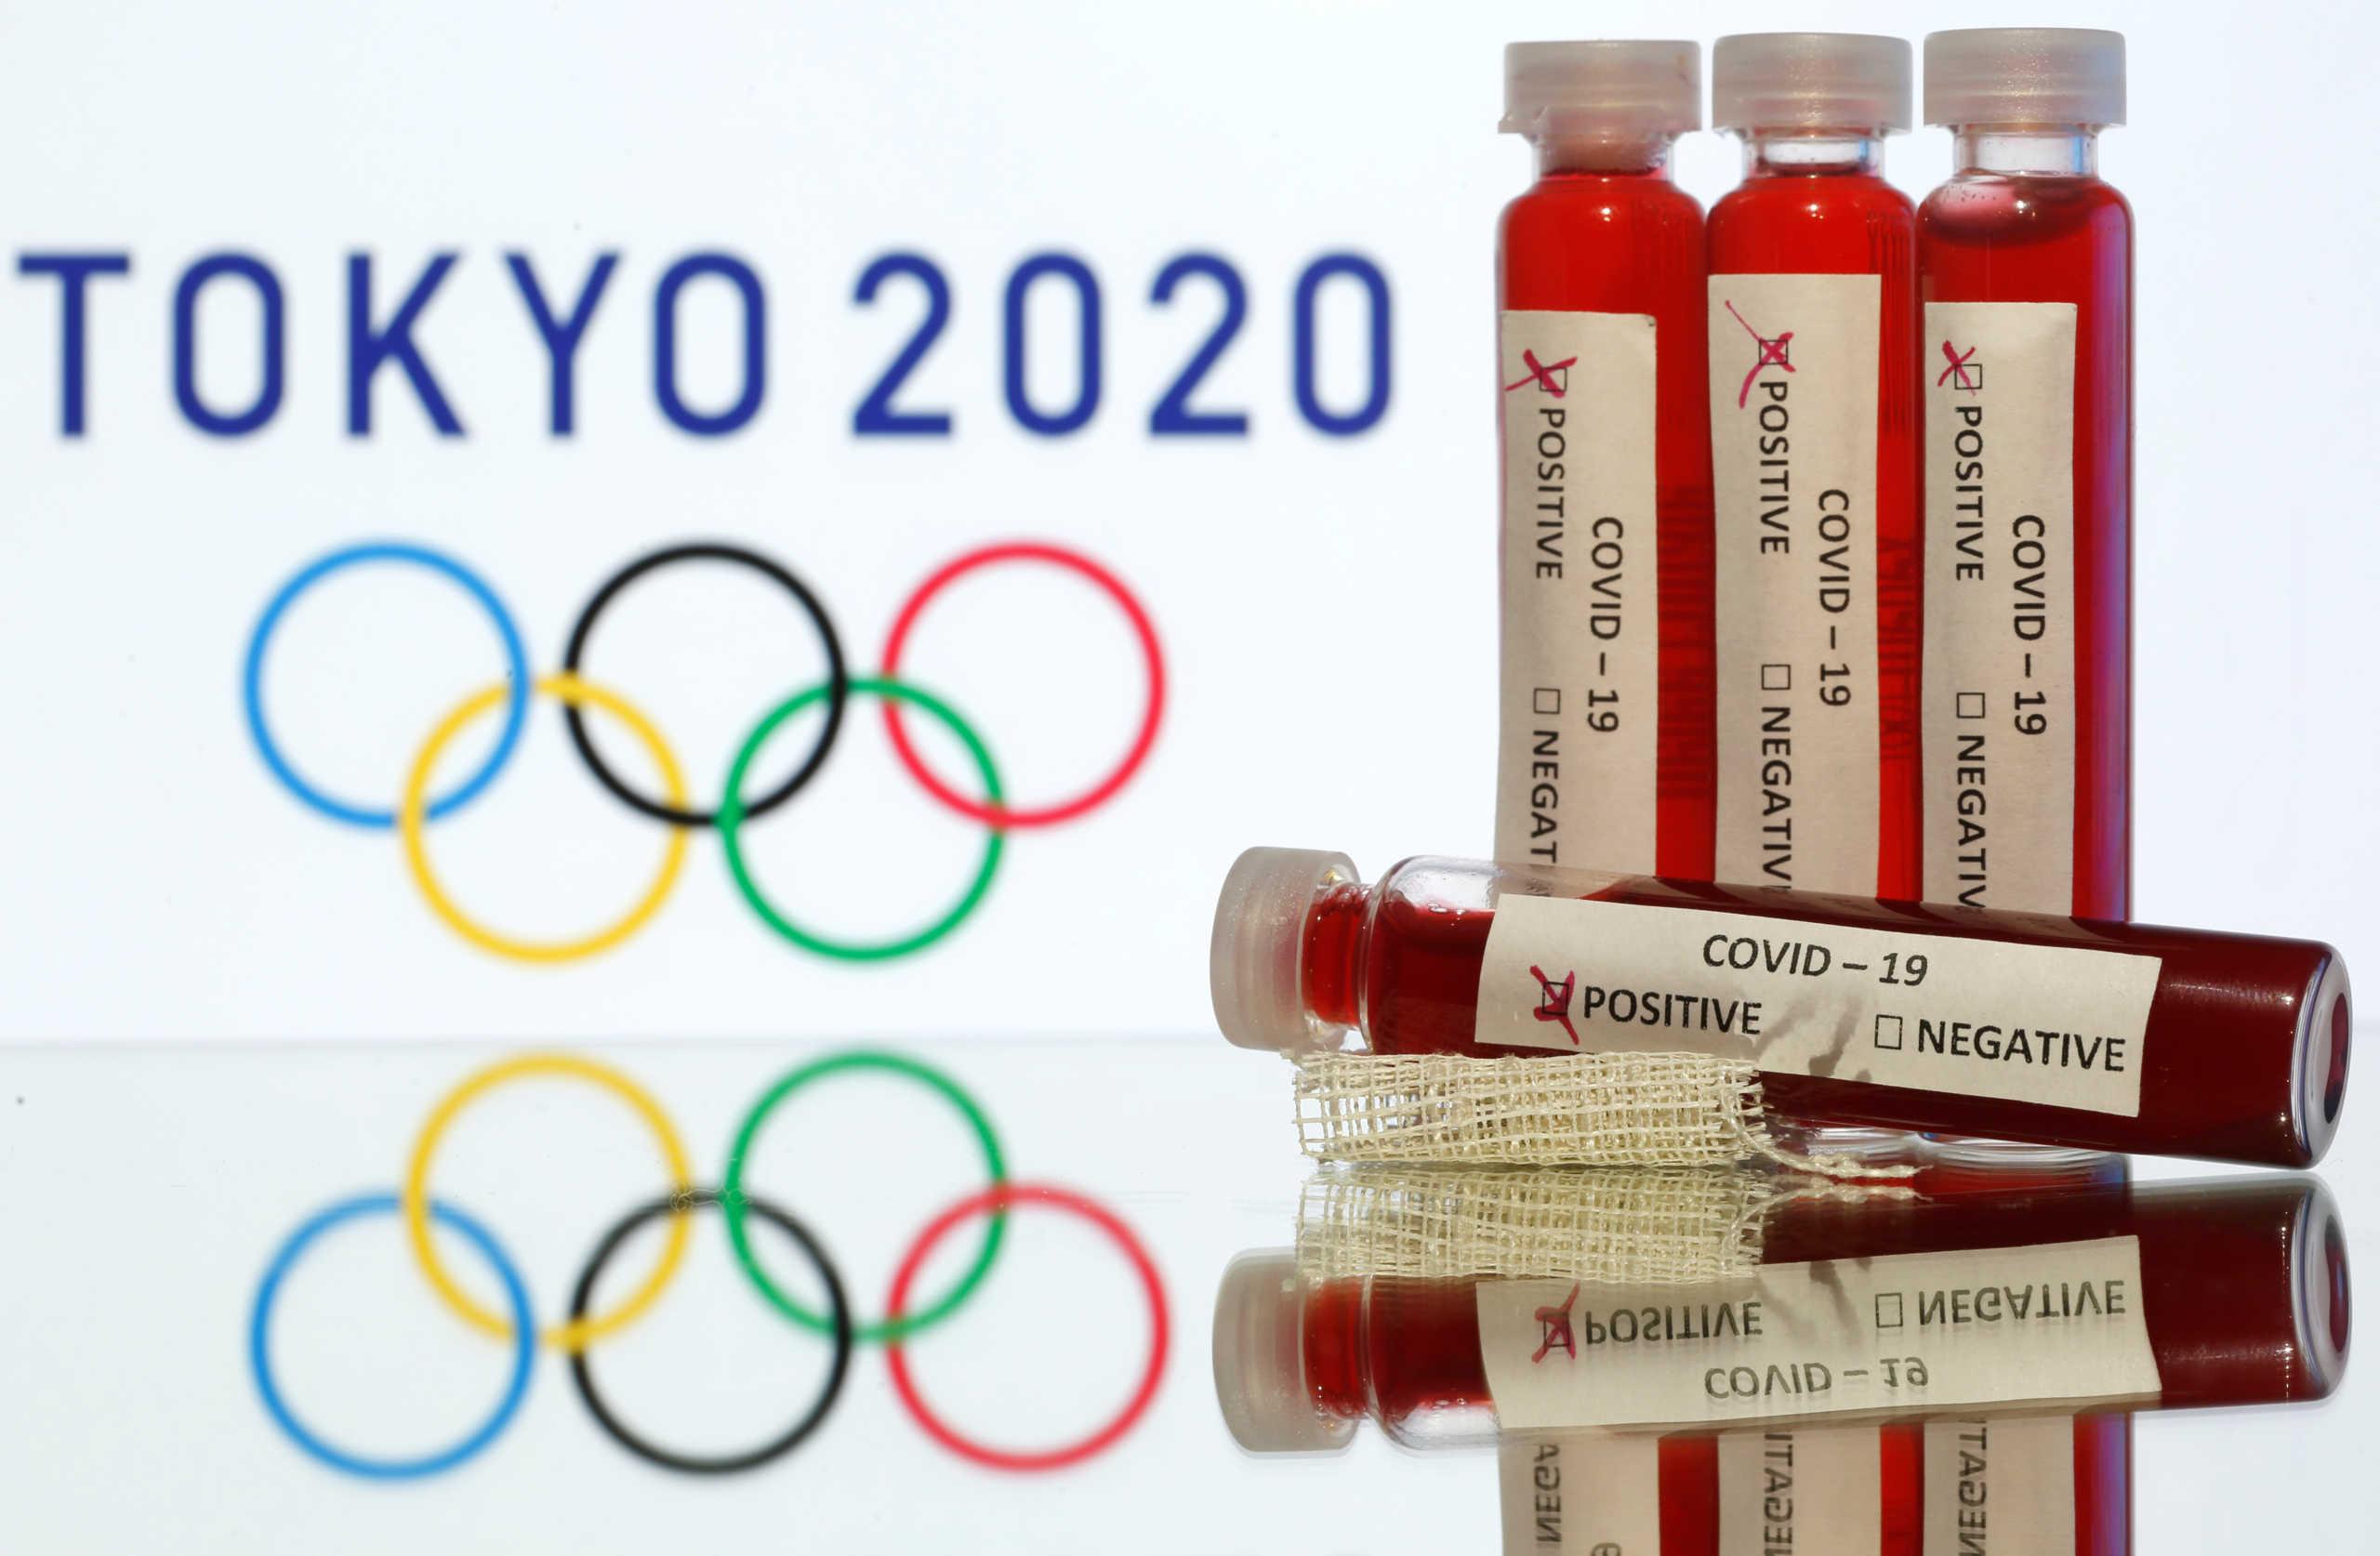 Ολυμπιακοί Αγώνες: Οι Ιάπωνες δεν θέλουν τη διοργάνωση – Το plan B της ΔΟΕ